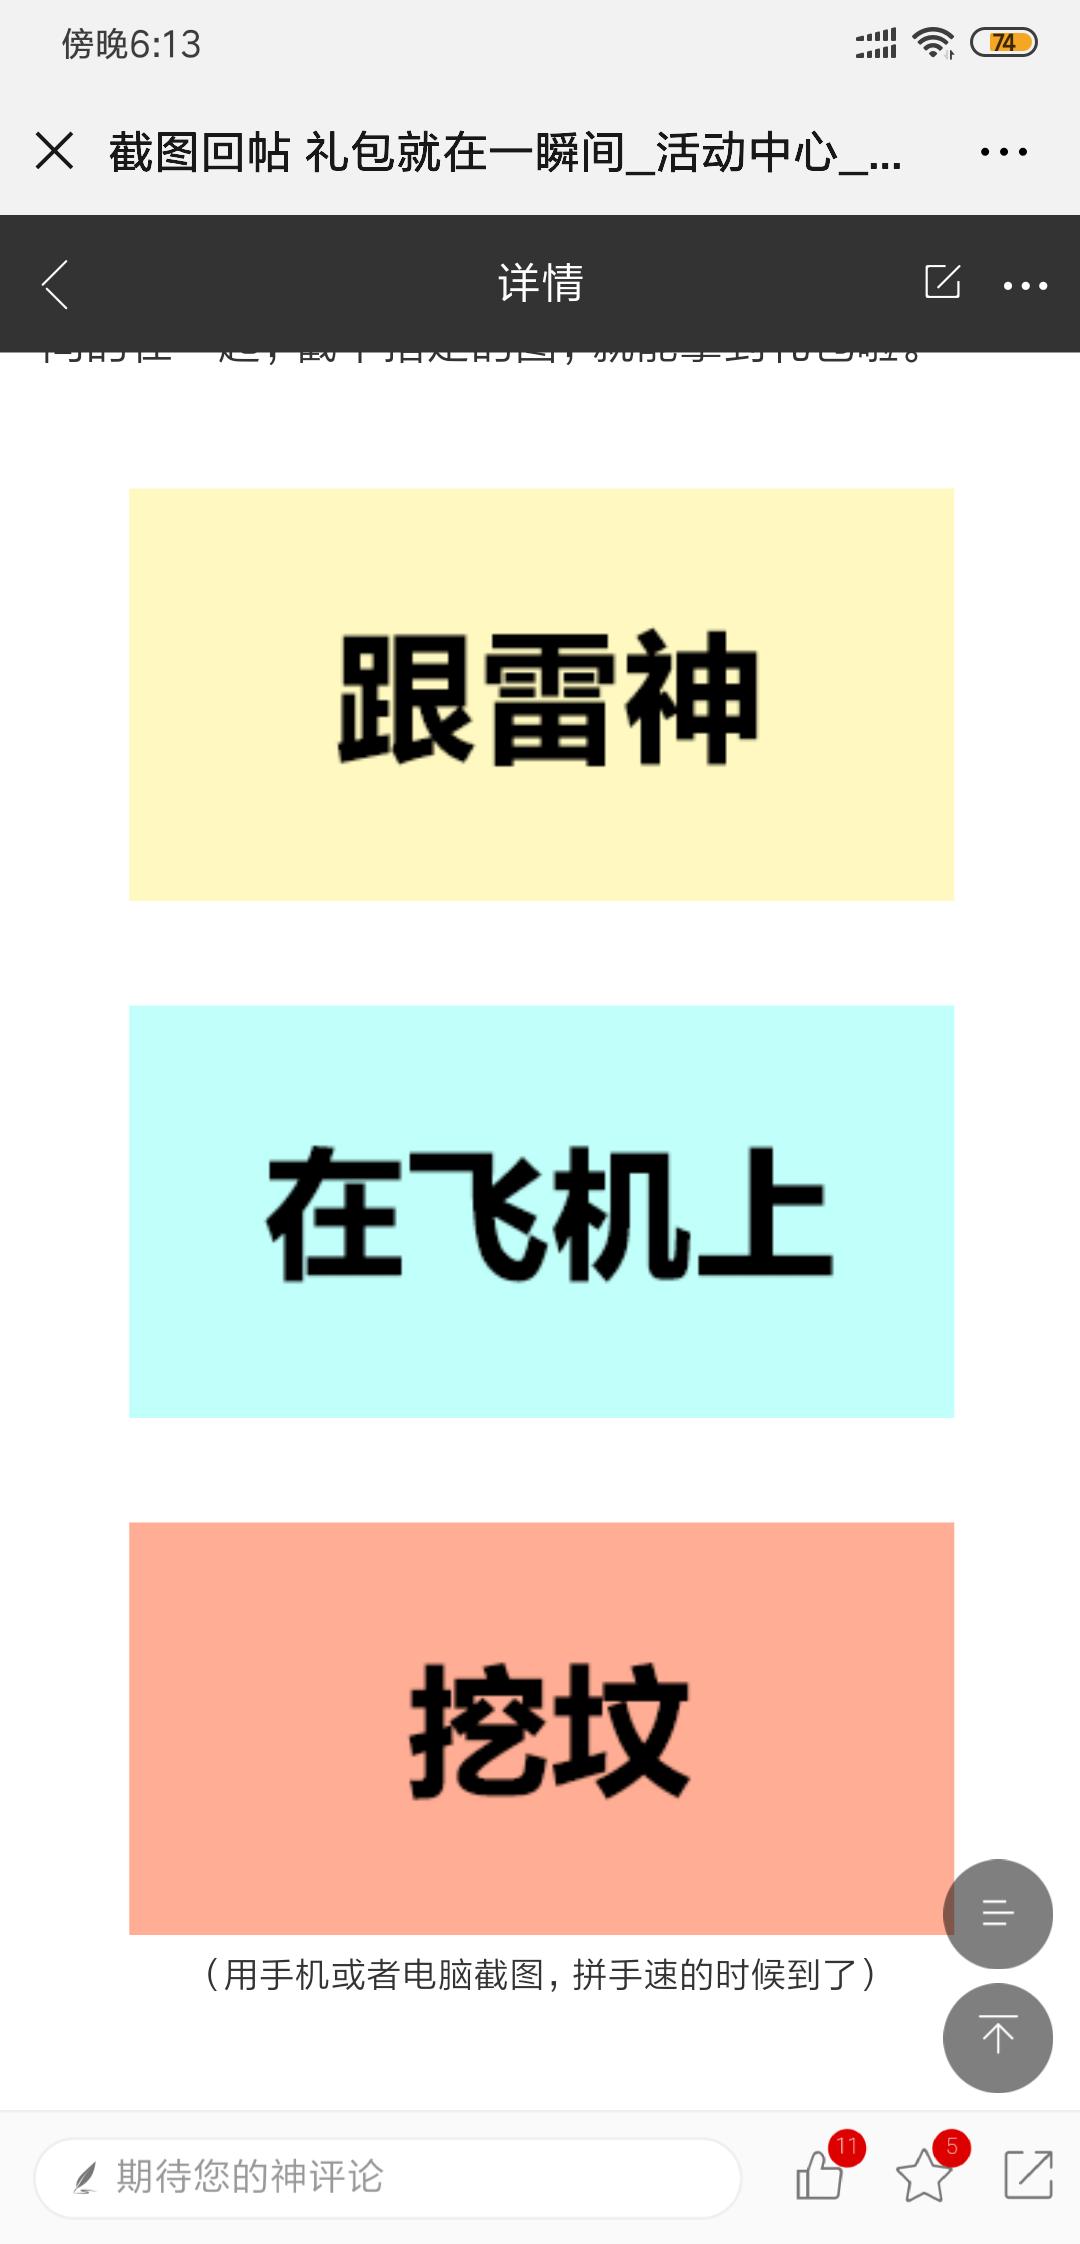 Screenshot_2019-07-25-18-13-17-011_com.tencent.mm.png